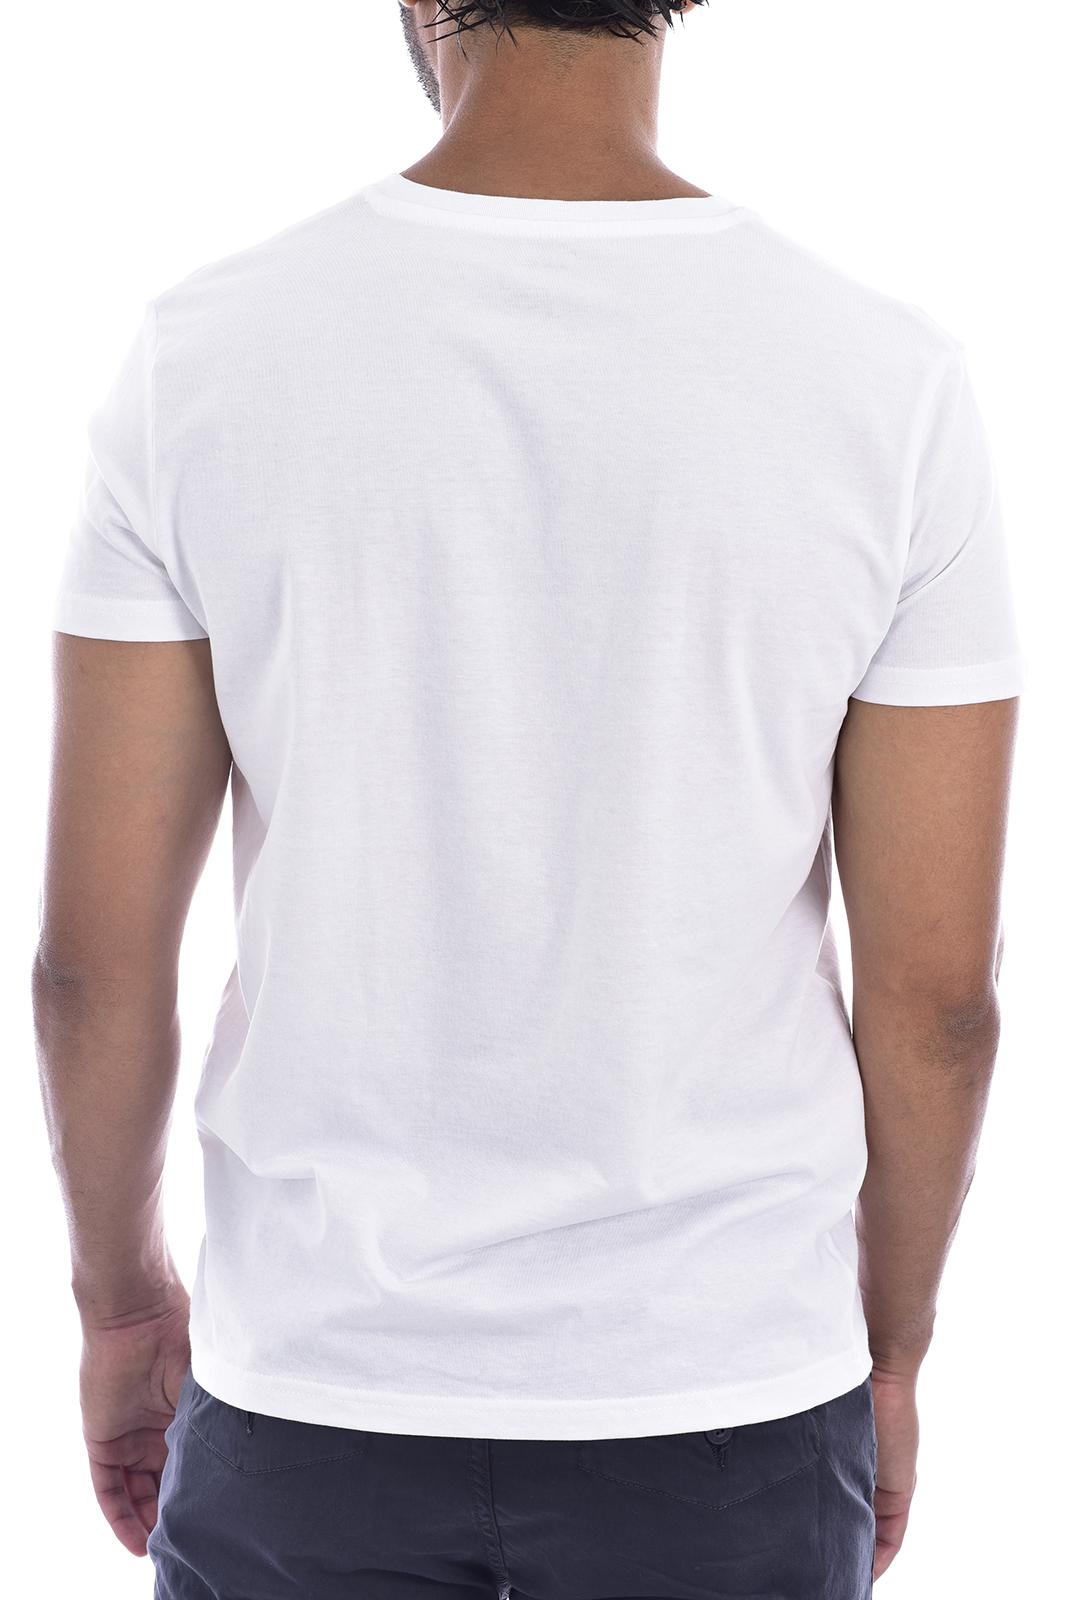 T-S manches courtes  Nasa BASIC WORM V NECK WHITE